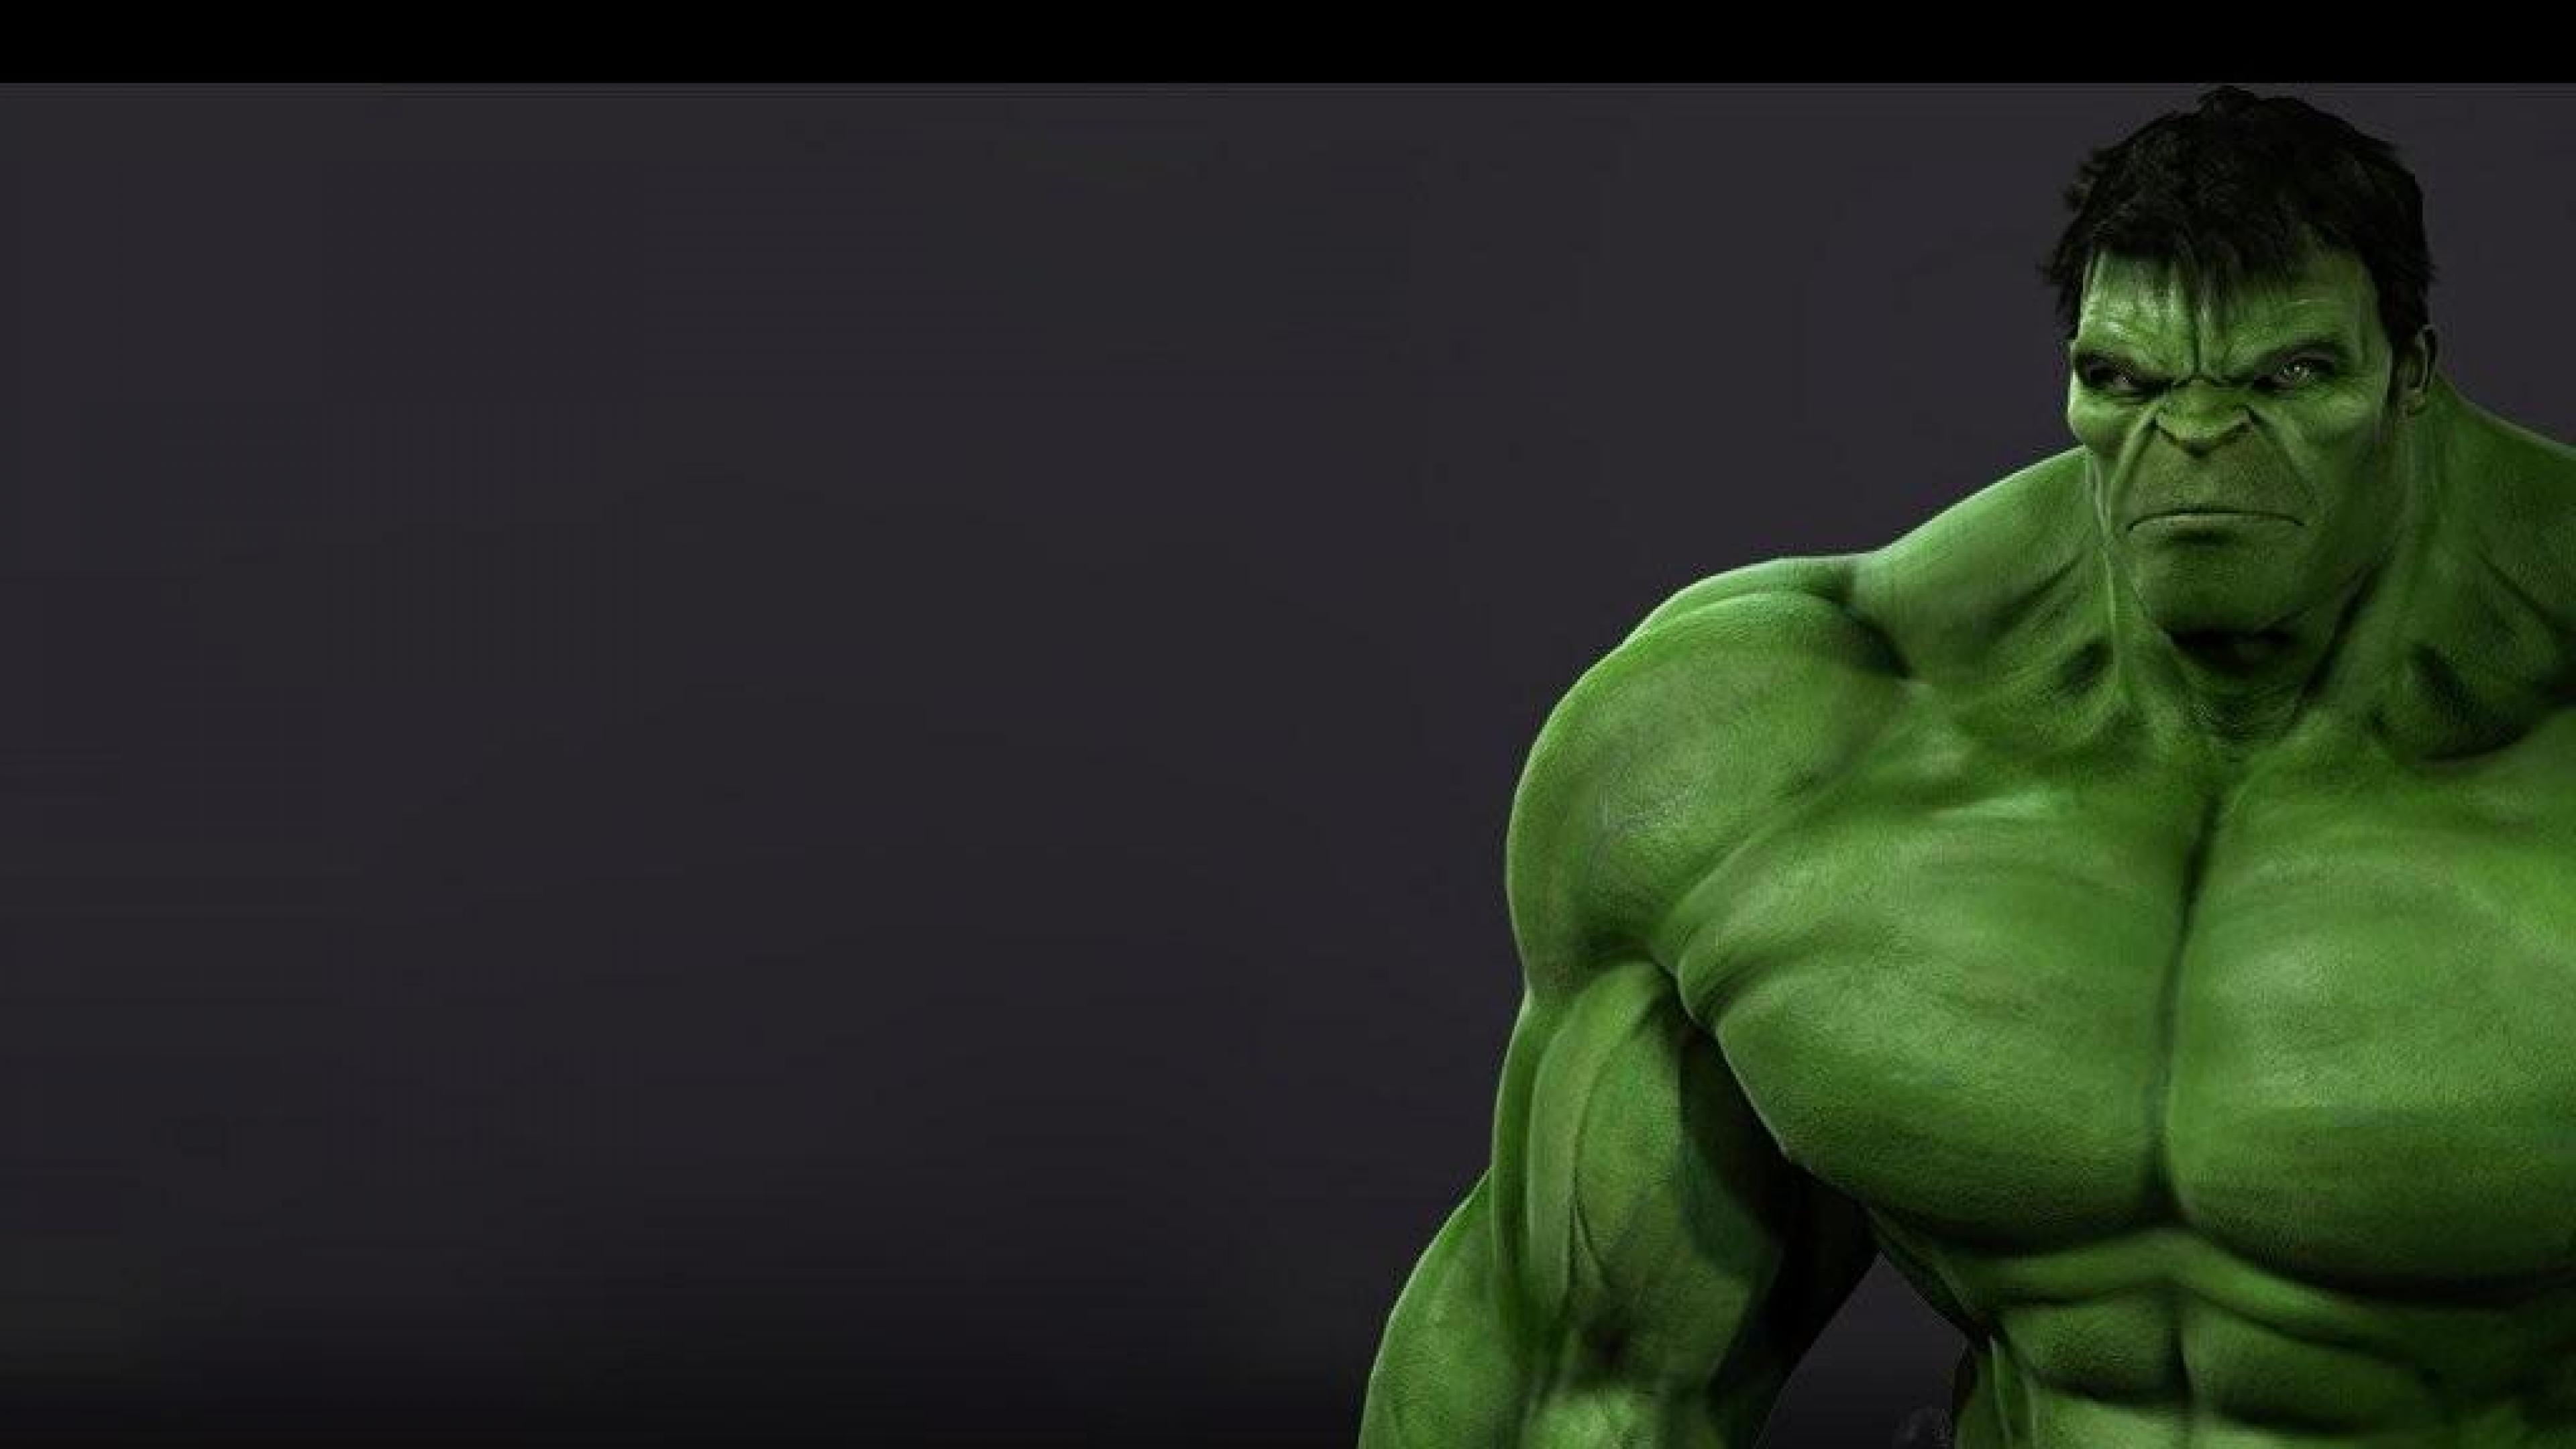 Hulk Wallpaper Hd Wallpapersafari